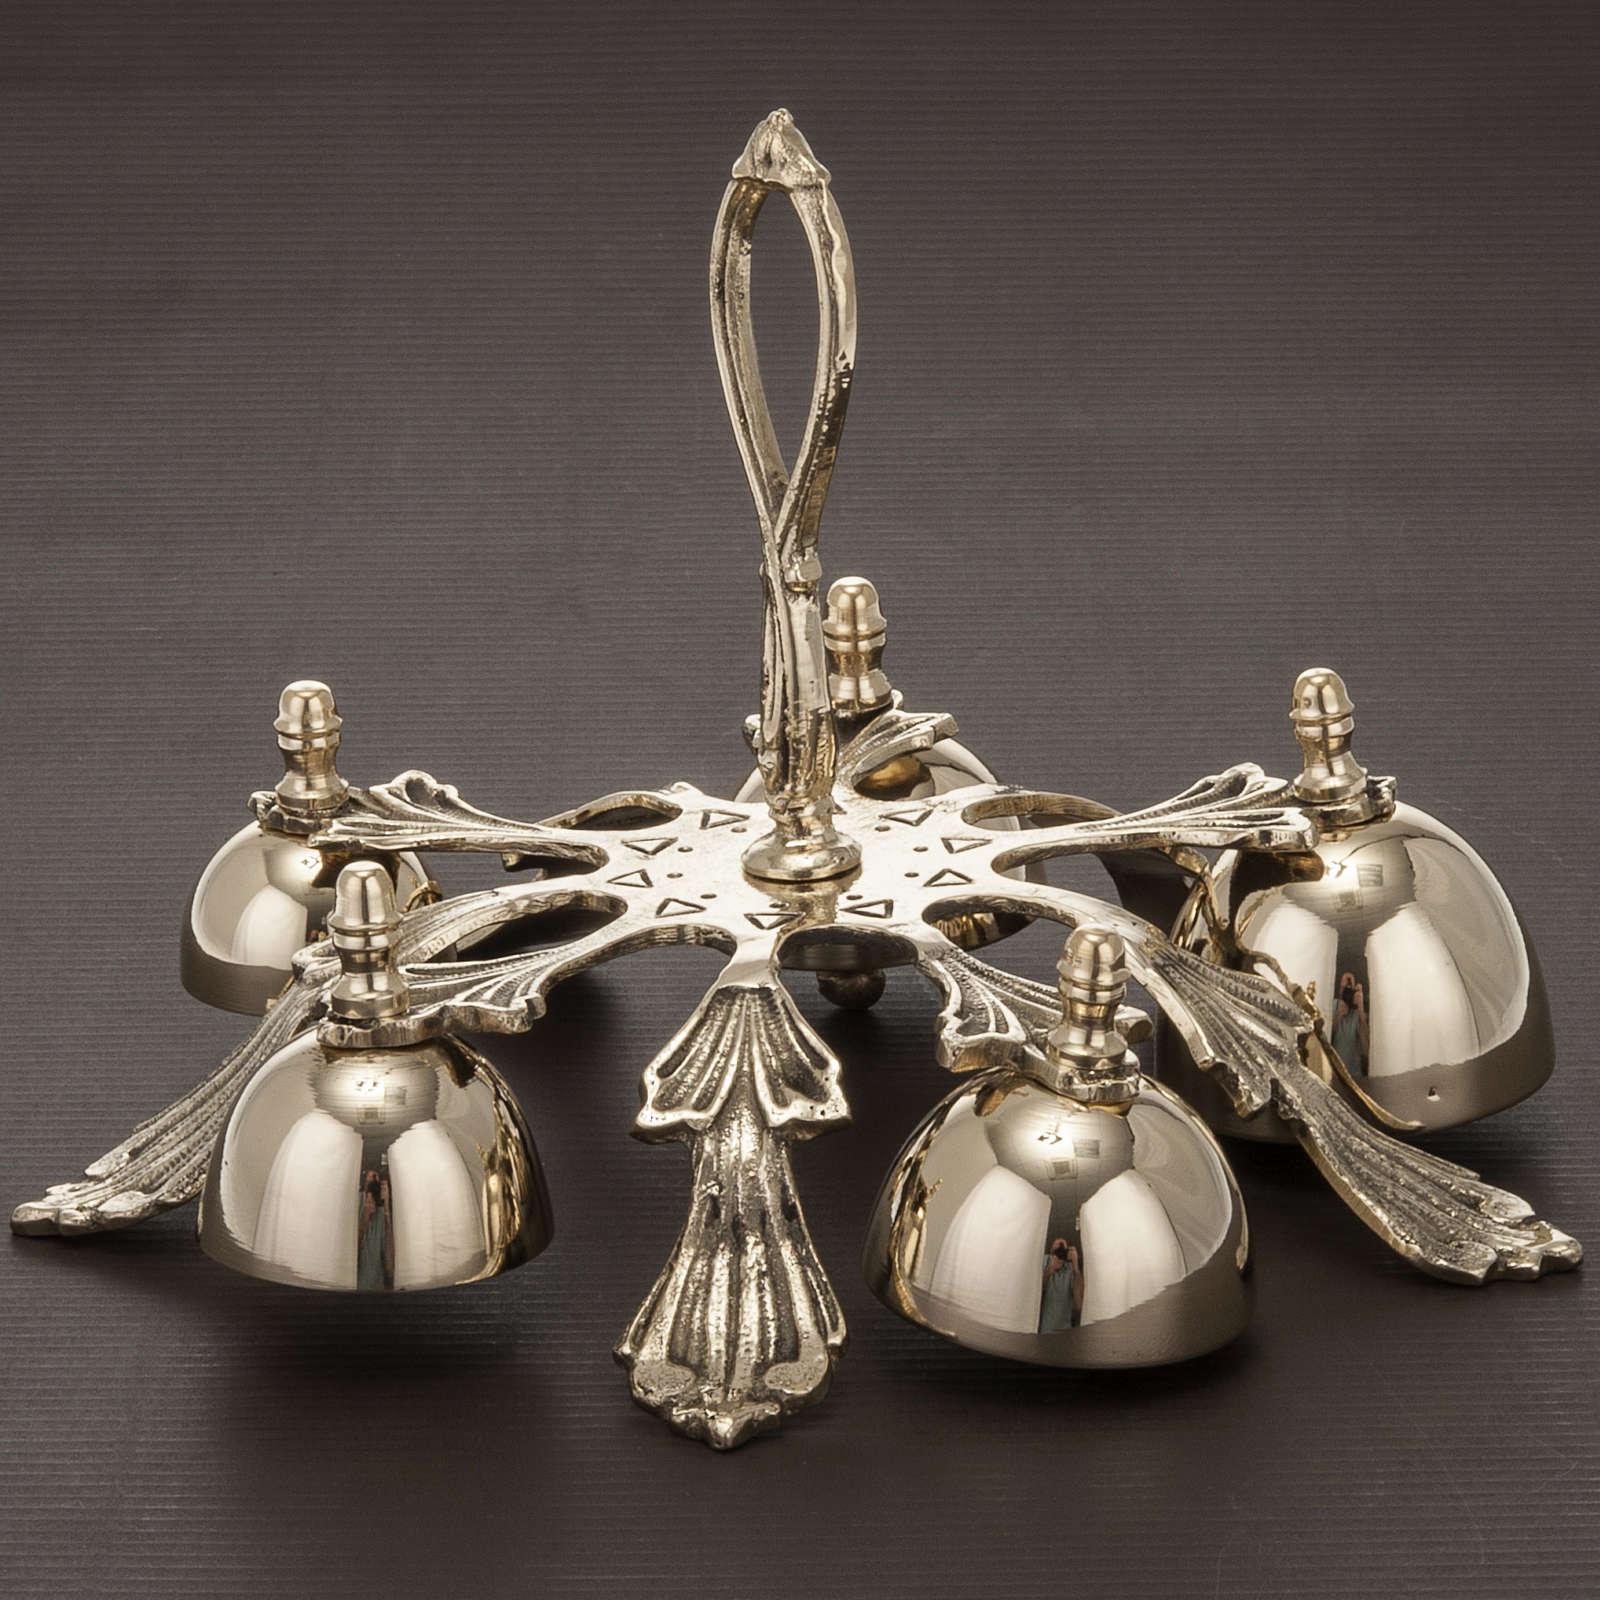 Dzwonek liturgiczny pięcioelementowy dekorowany pozłacany 3